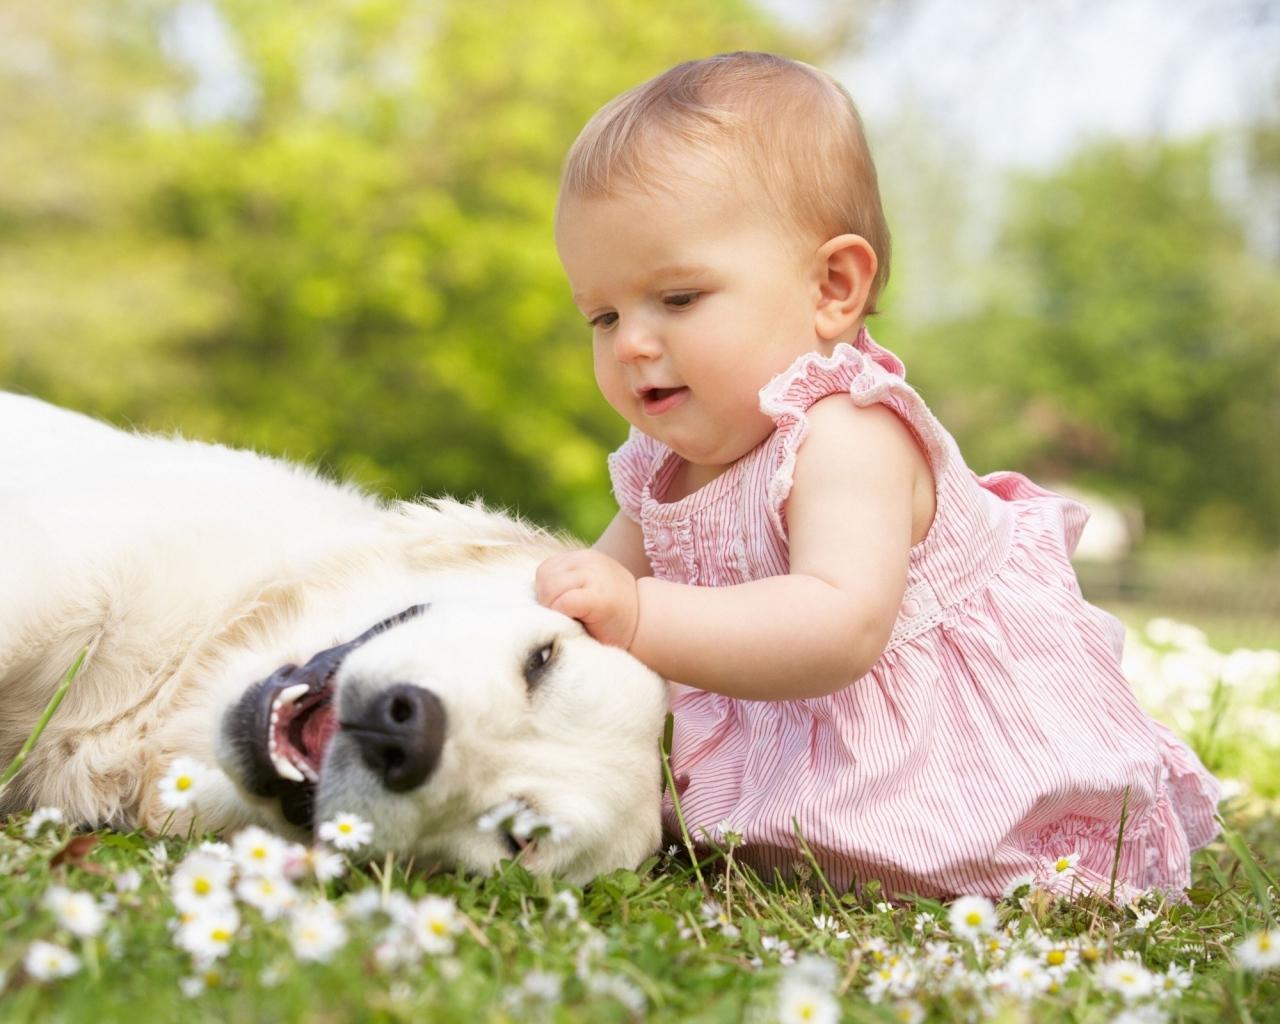 ママの為の赤ちゃんとの正しいコミュニケーションの取り方